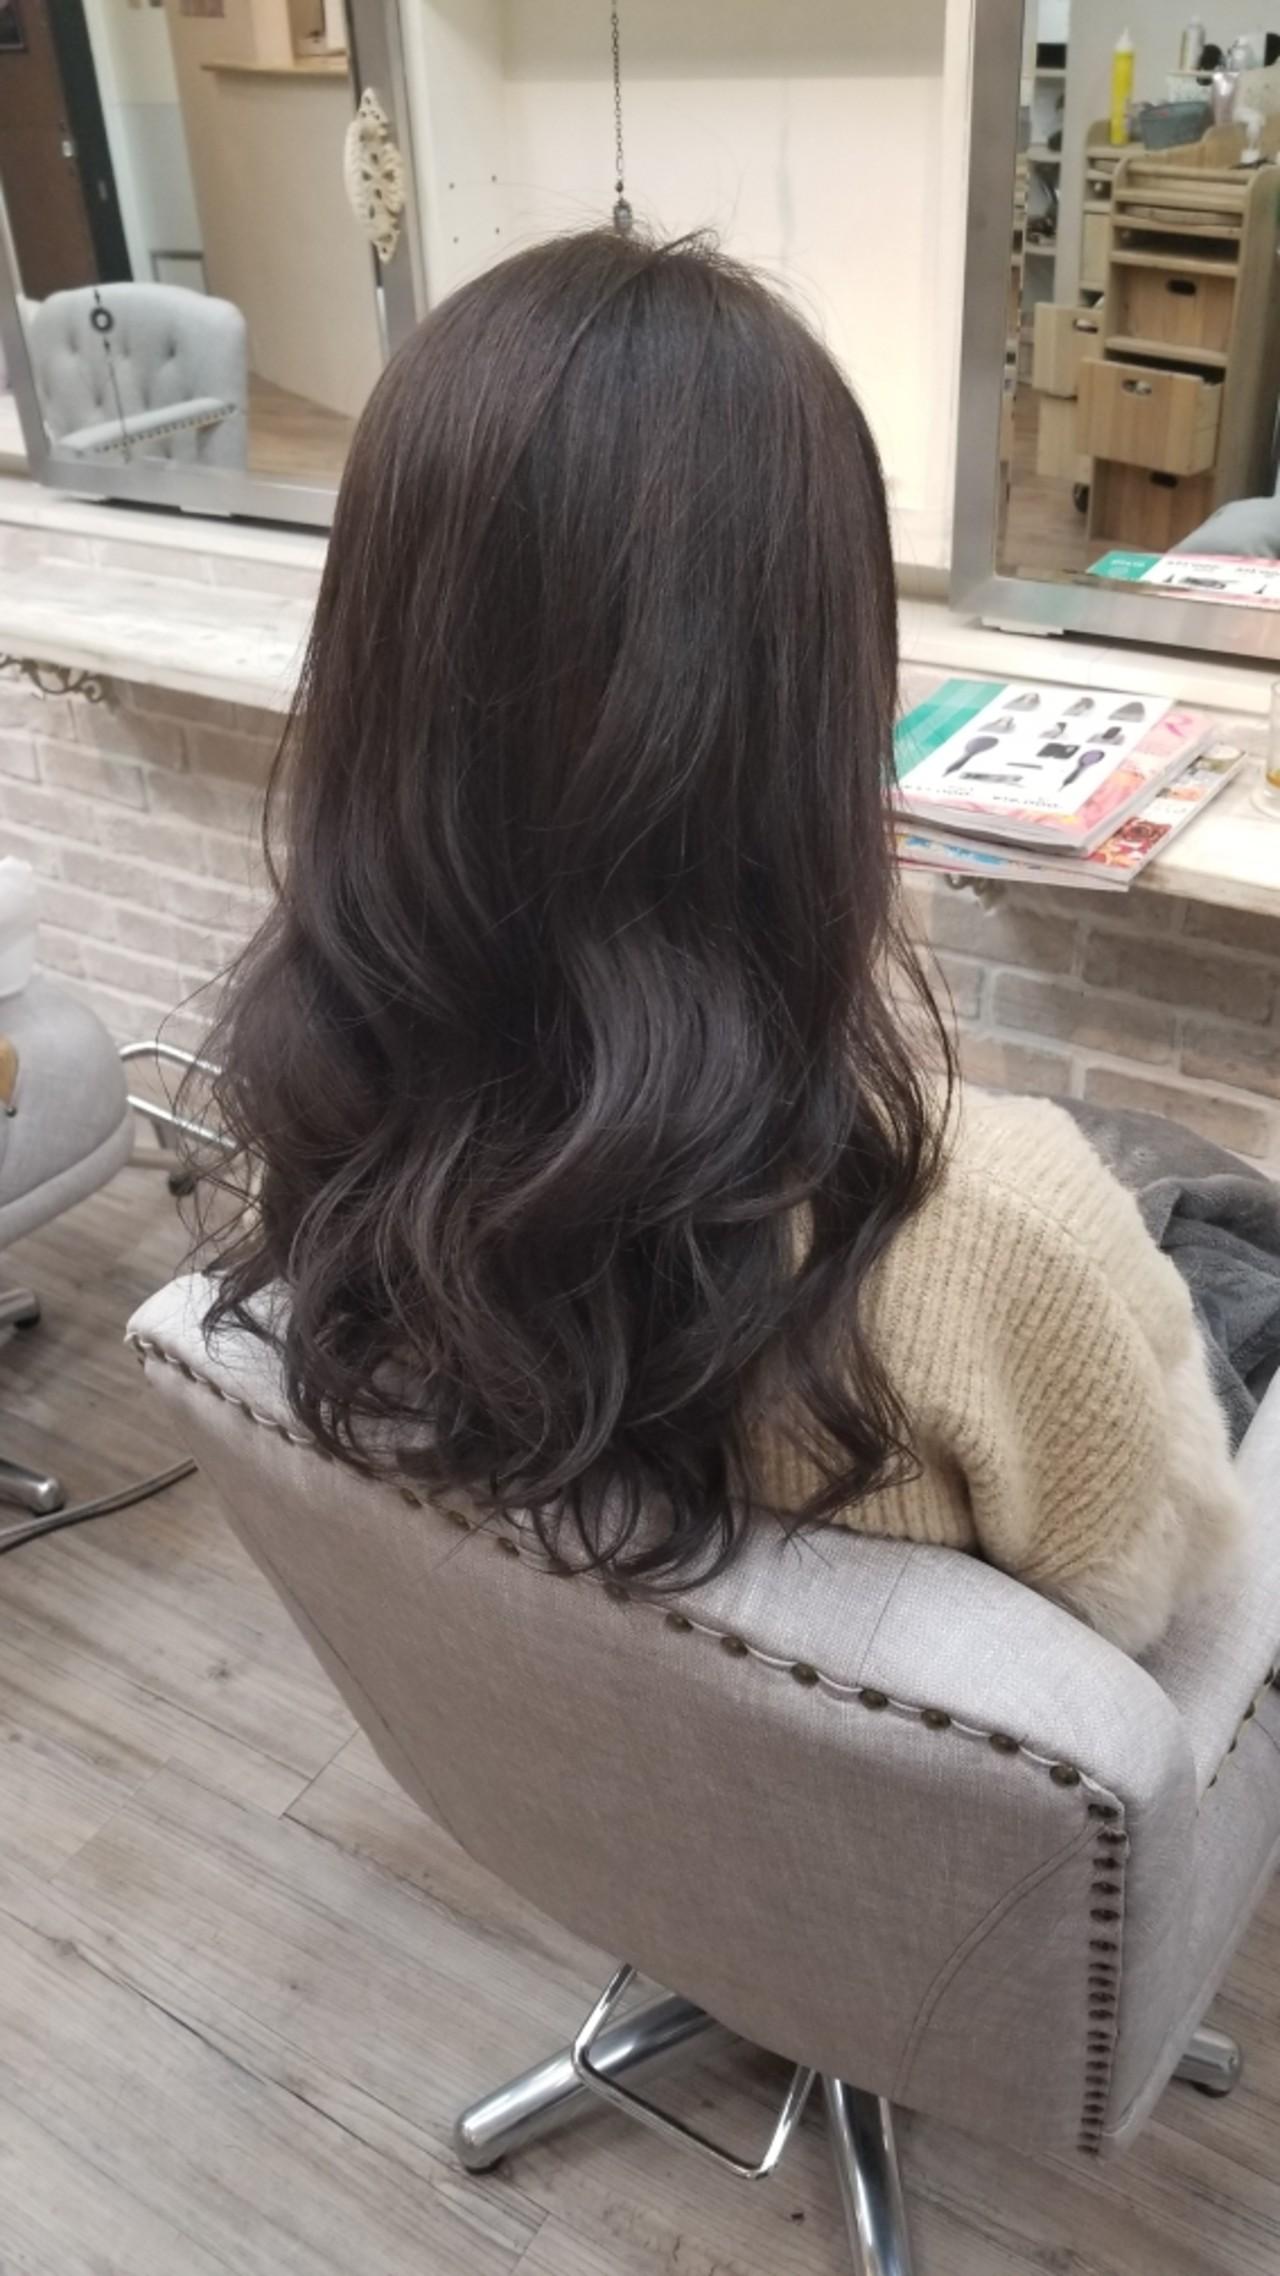 バレンタイン 上品 ゆるふわ ラベンダーアッシュ ヘアスタイルや髪型の写真・画像